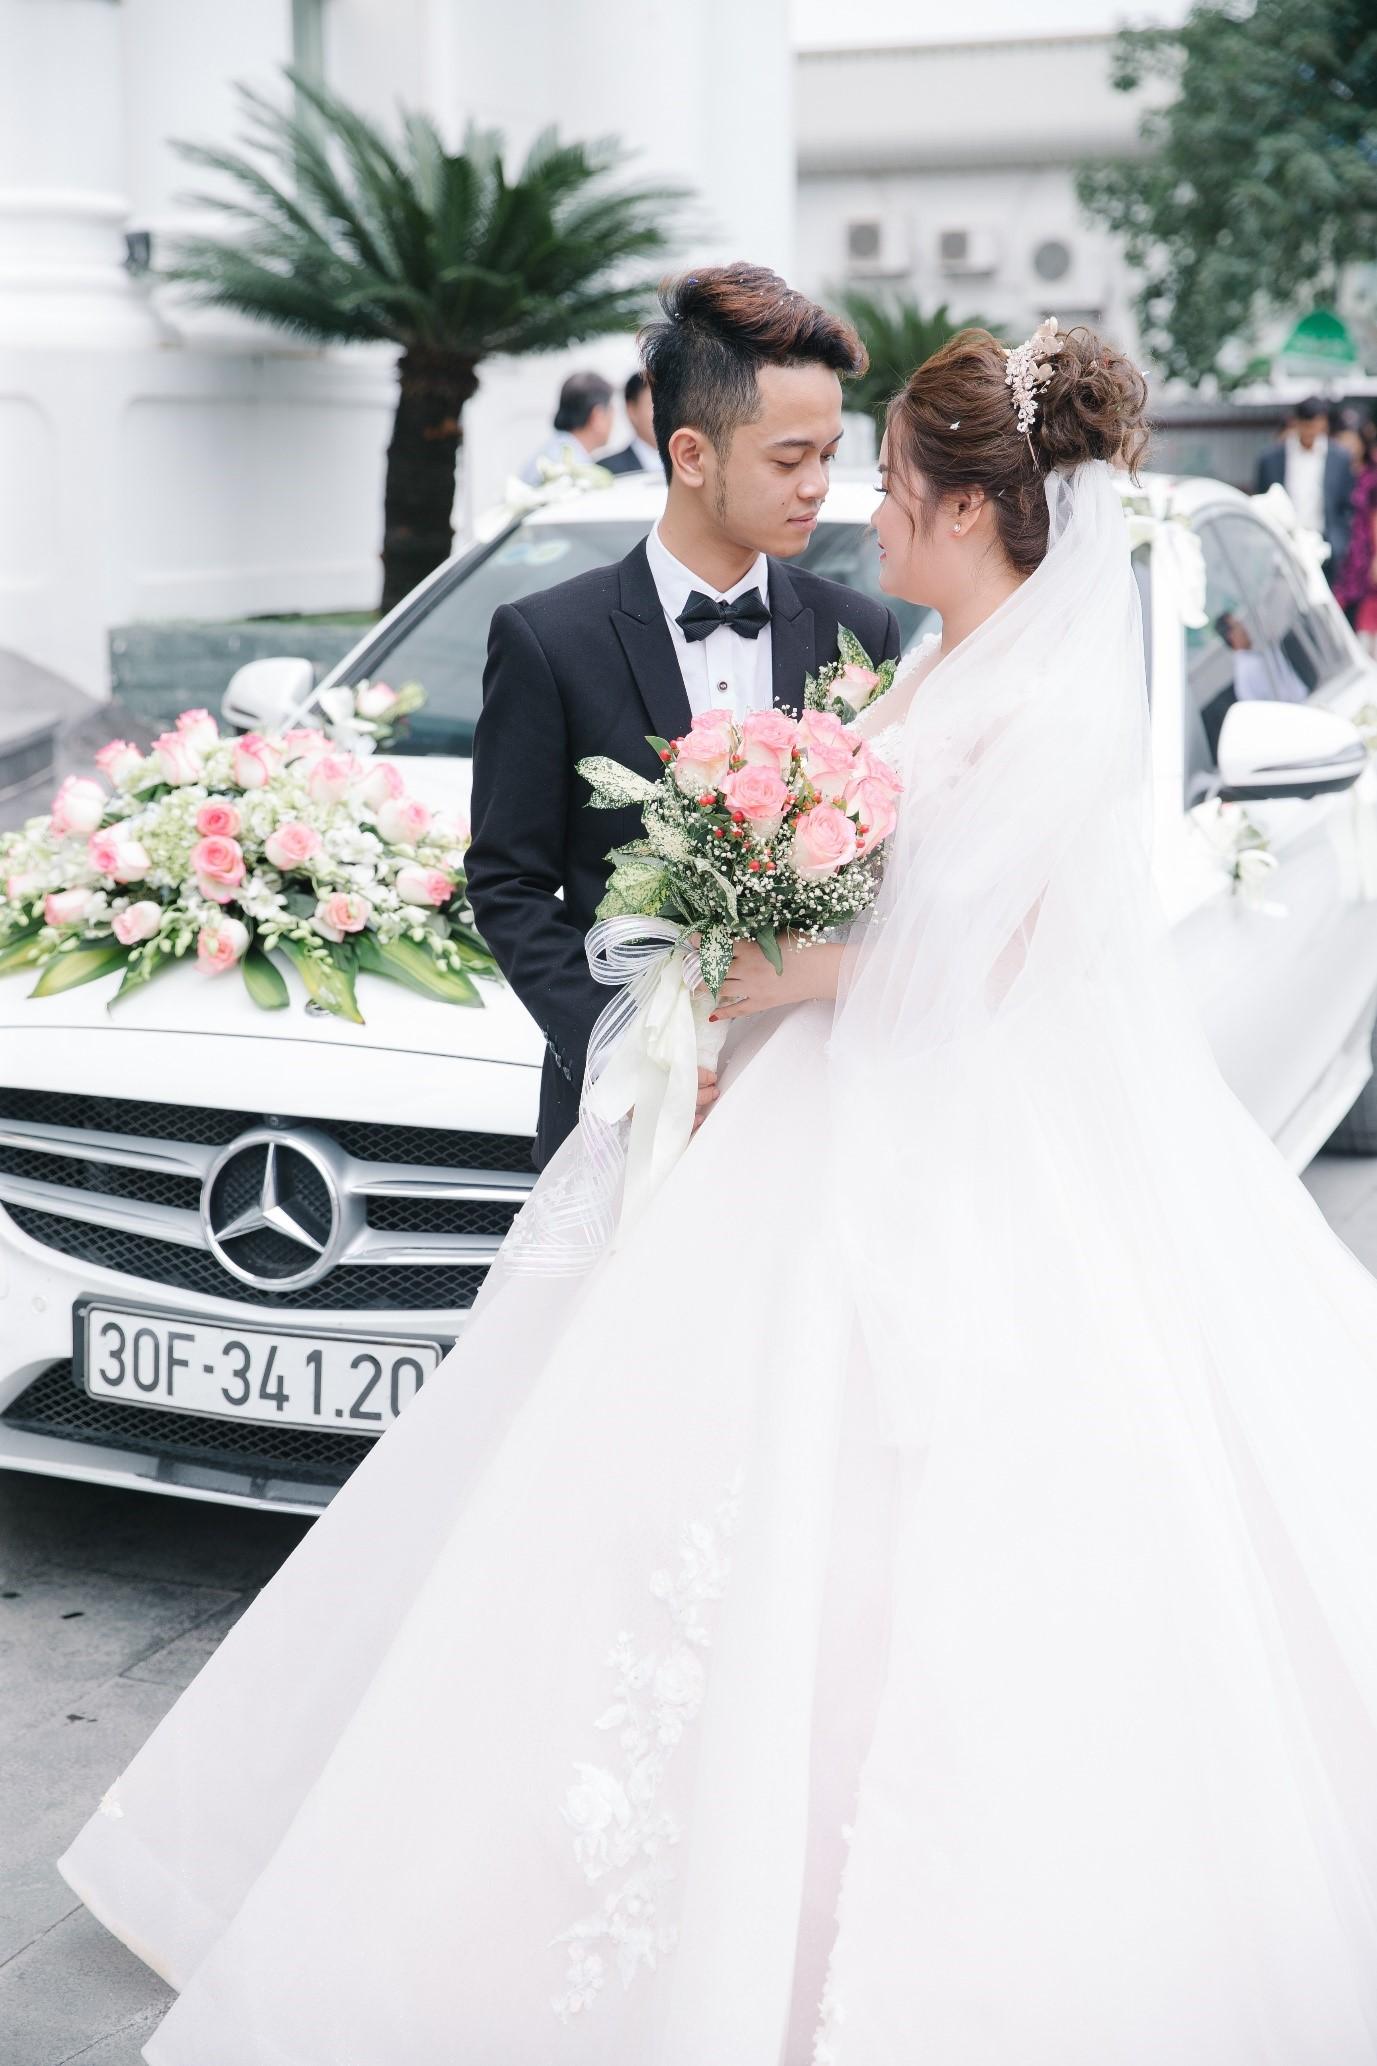 Truy tìm chủ nhân của chiếc váy 25.000 USD được cư dân chia sẻ trong suốt tuần vừa qua  - Ảnh 1